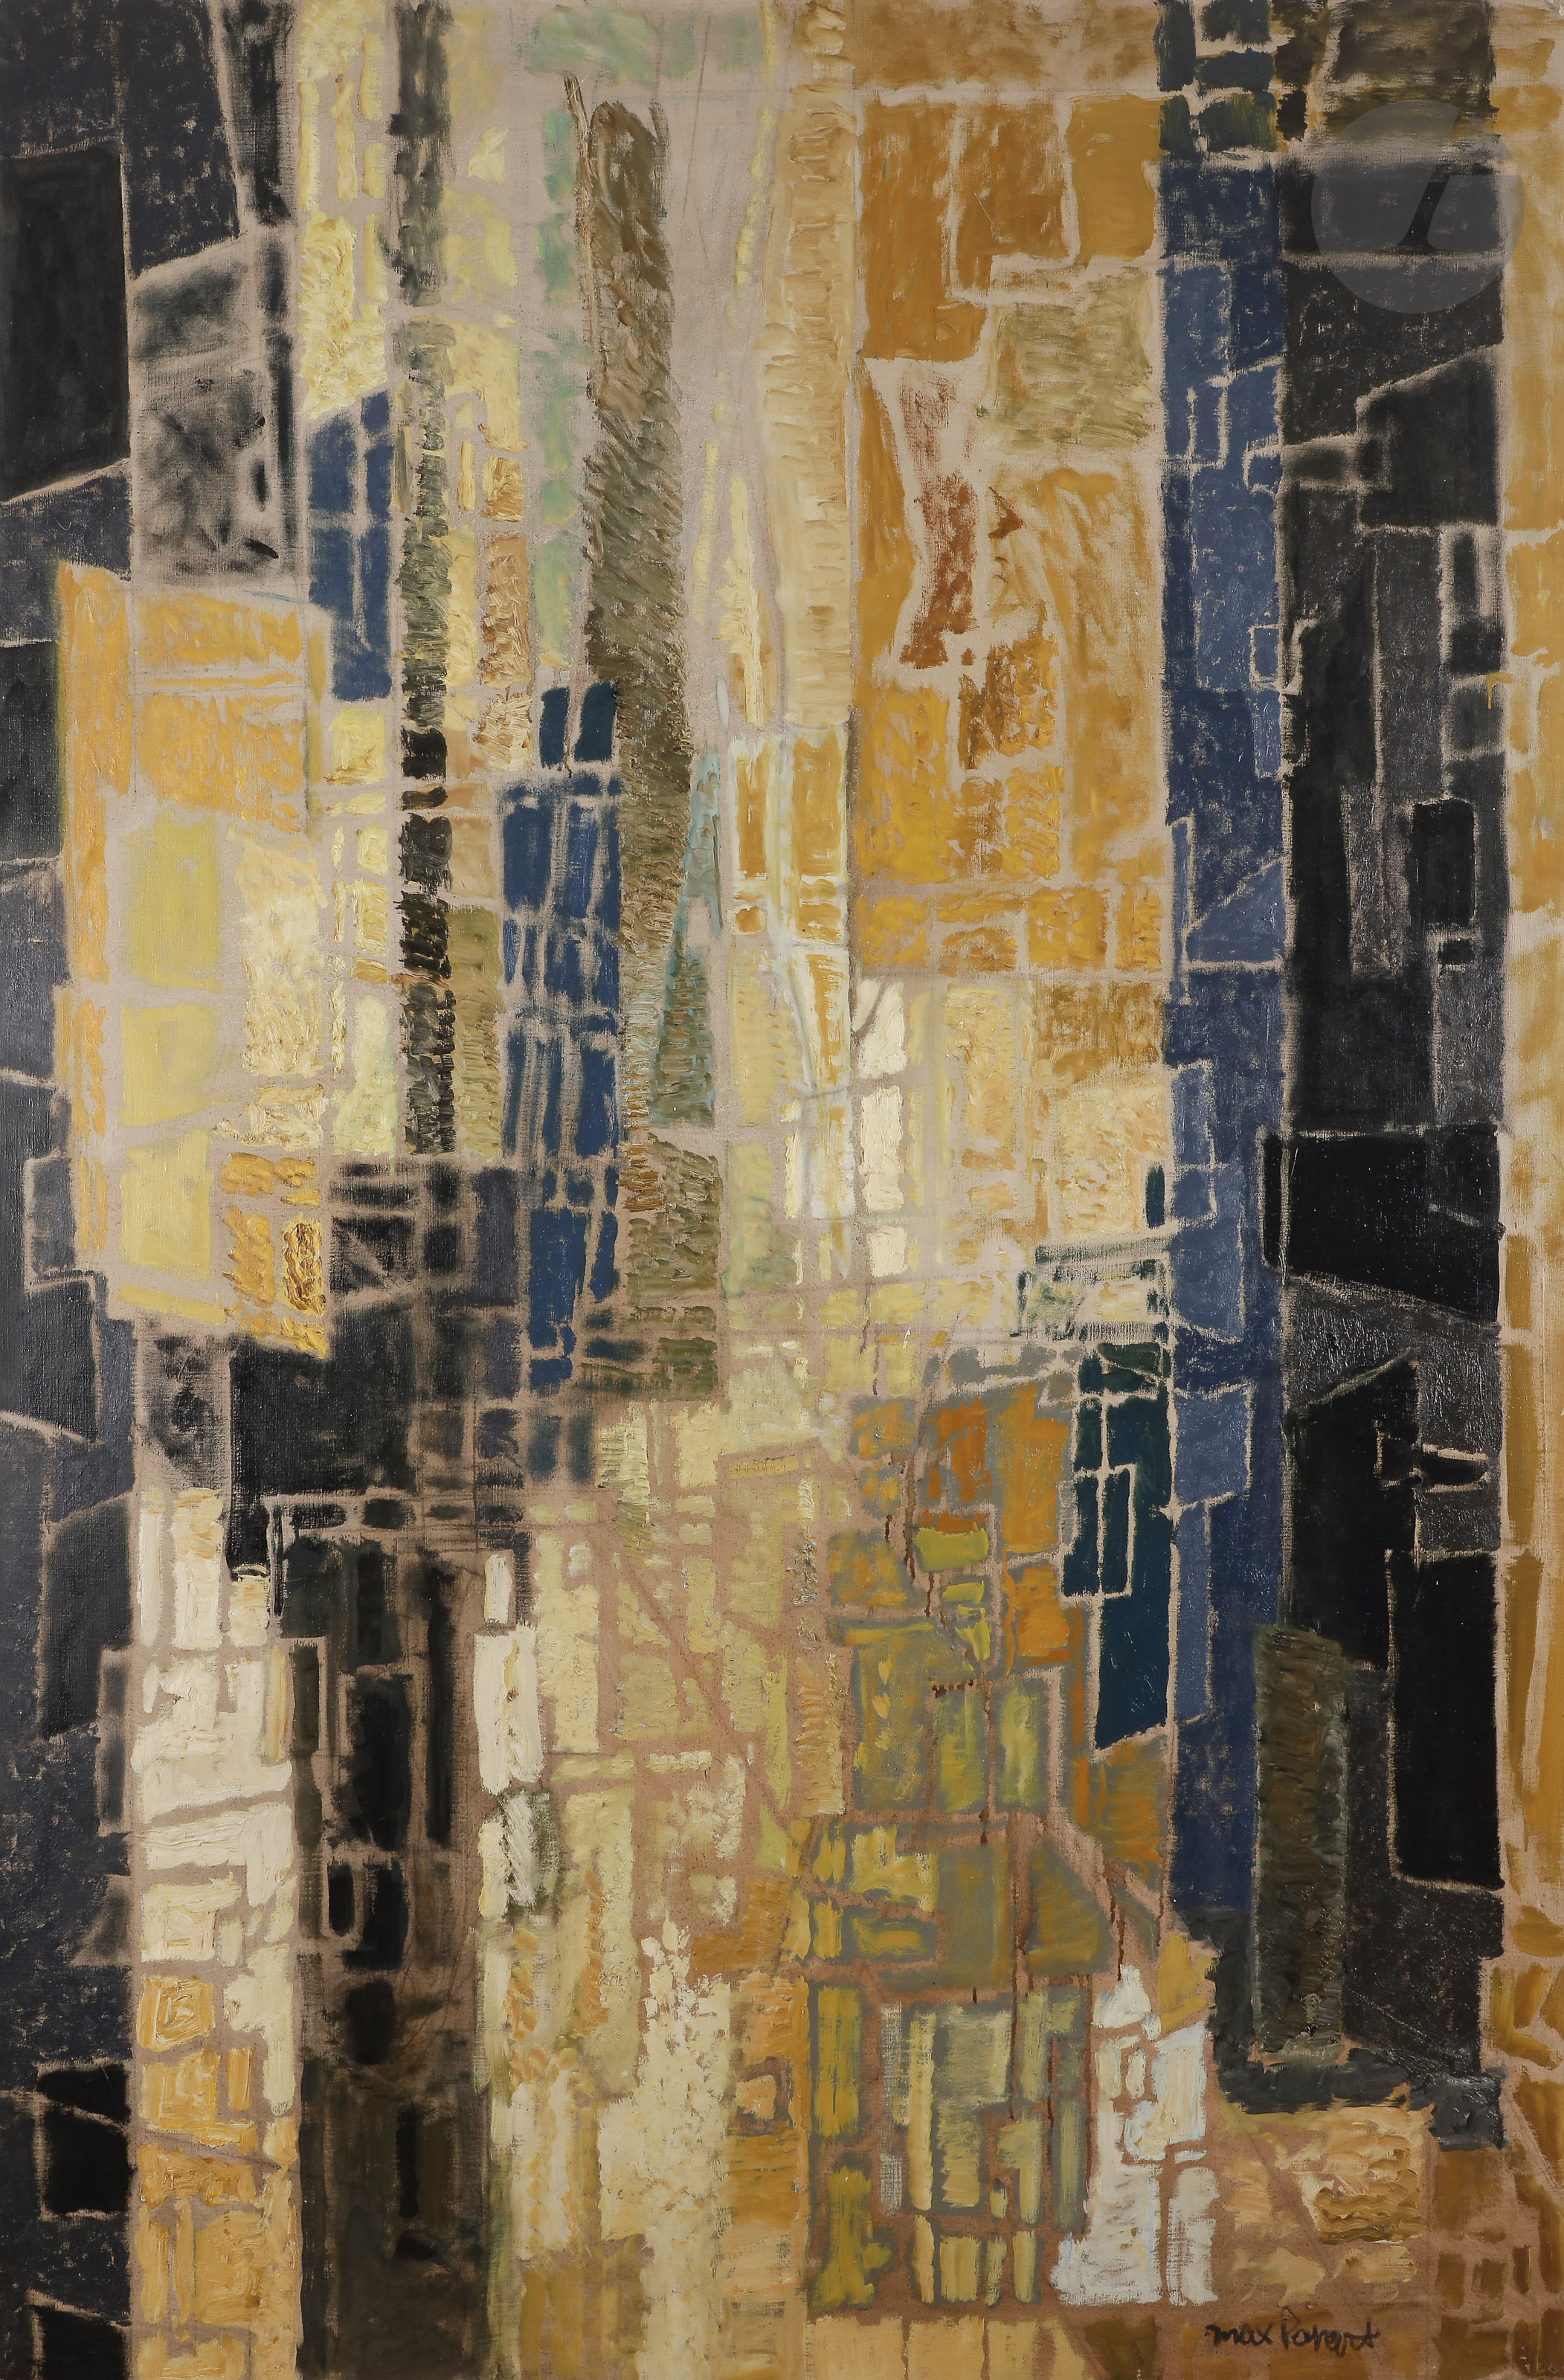 Lot 45 - Max PAPART (1911-1994)Espace urbain, 1958Huile sur toile.Signée en bas à droite.Signée, datée et